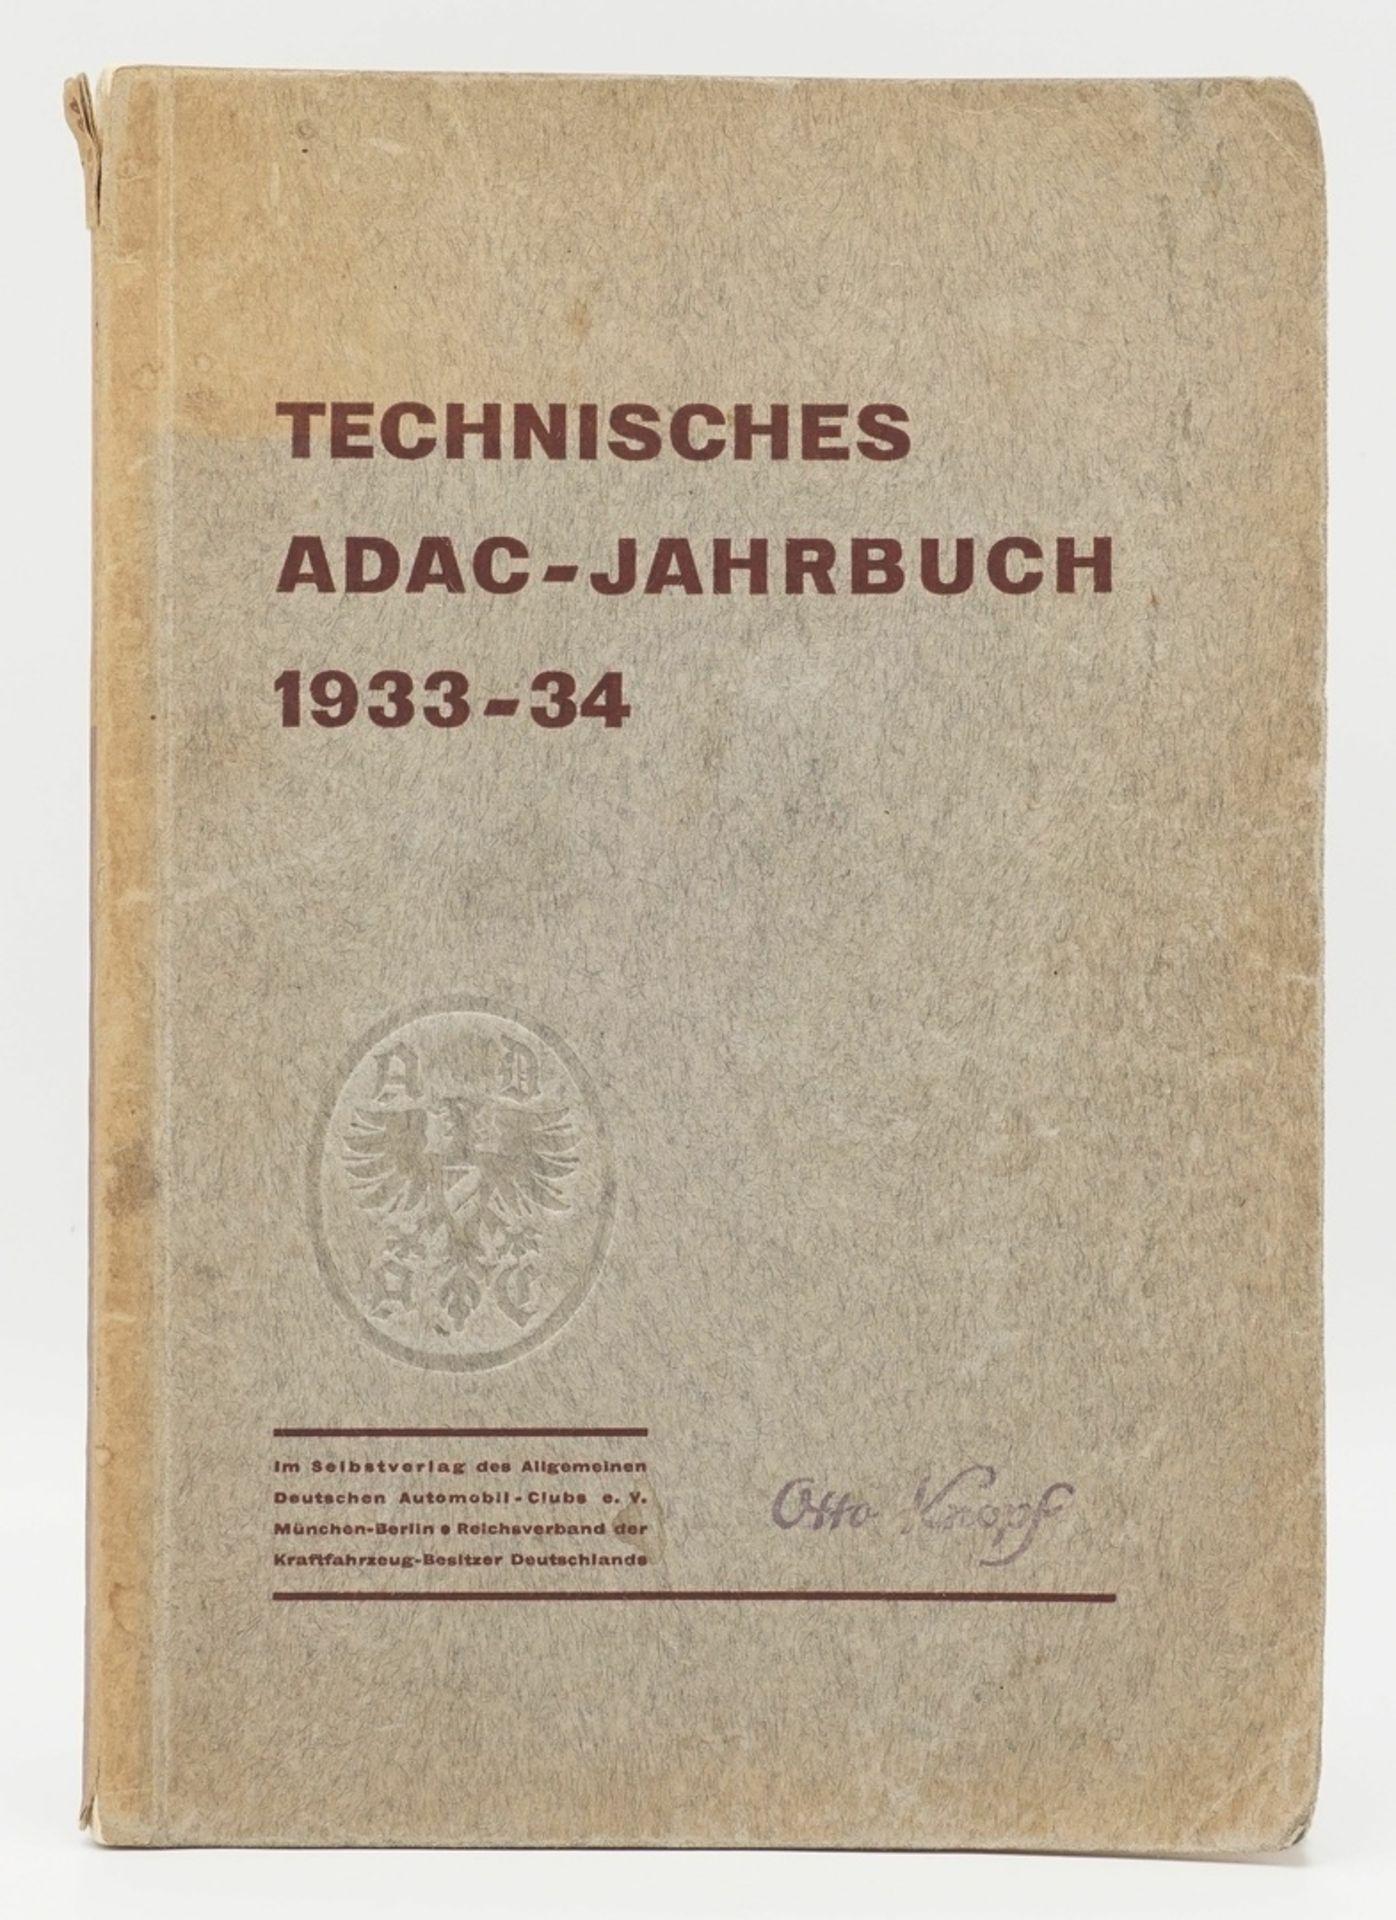 """Allgemeiner Deutscher Automobil-Club e.V. München-Berlin, """"Technisches ADAC-Jahrbuch 1933-34"""""""